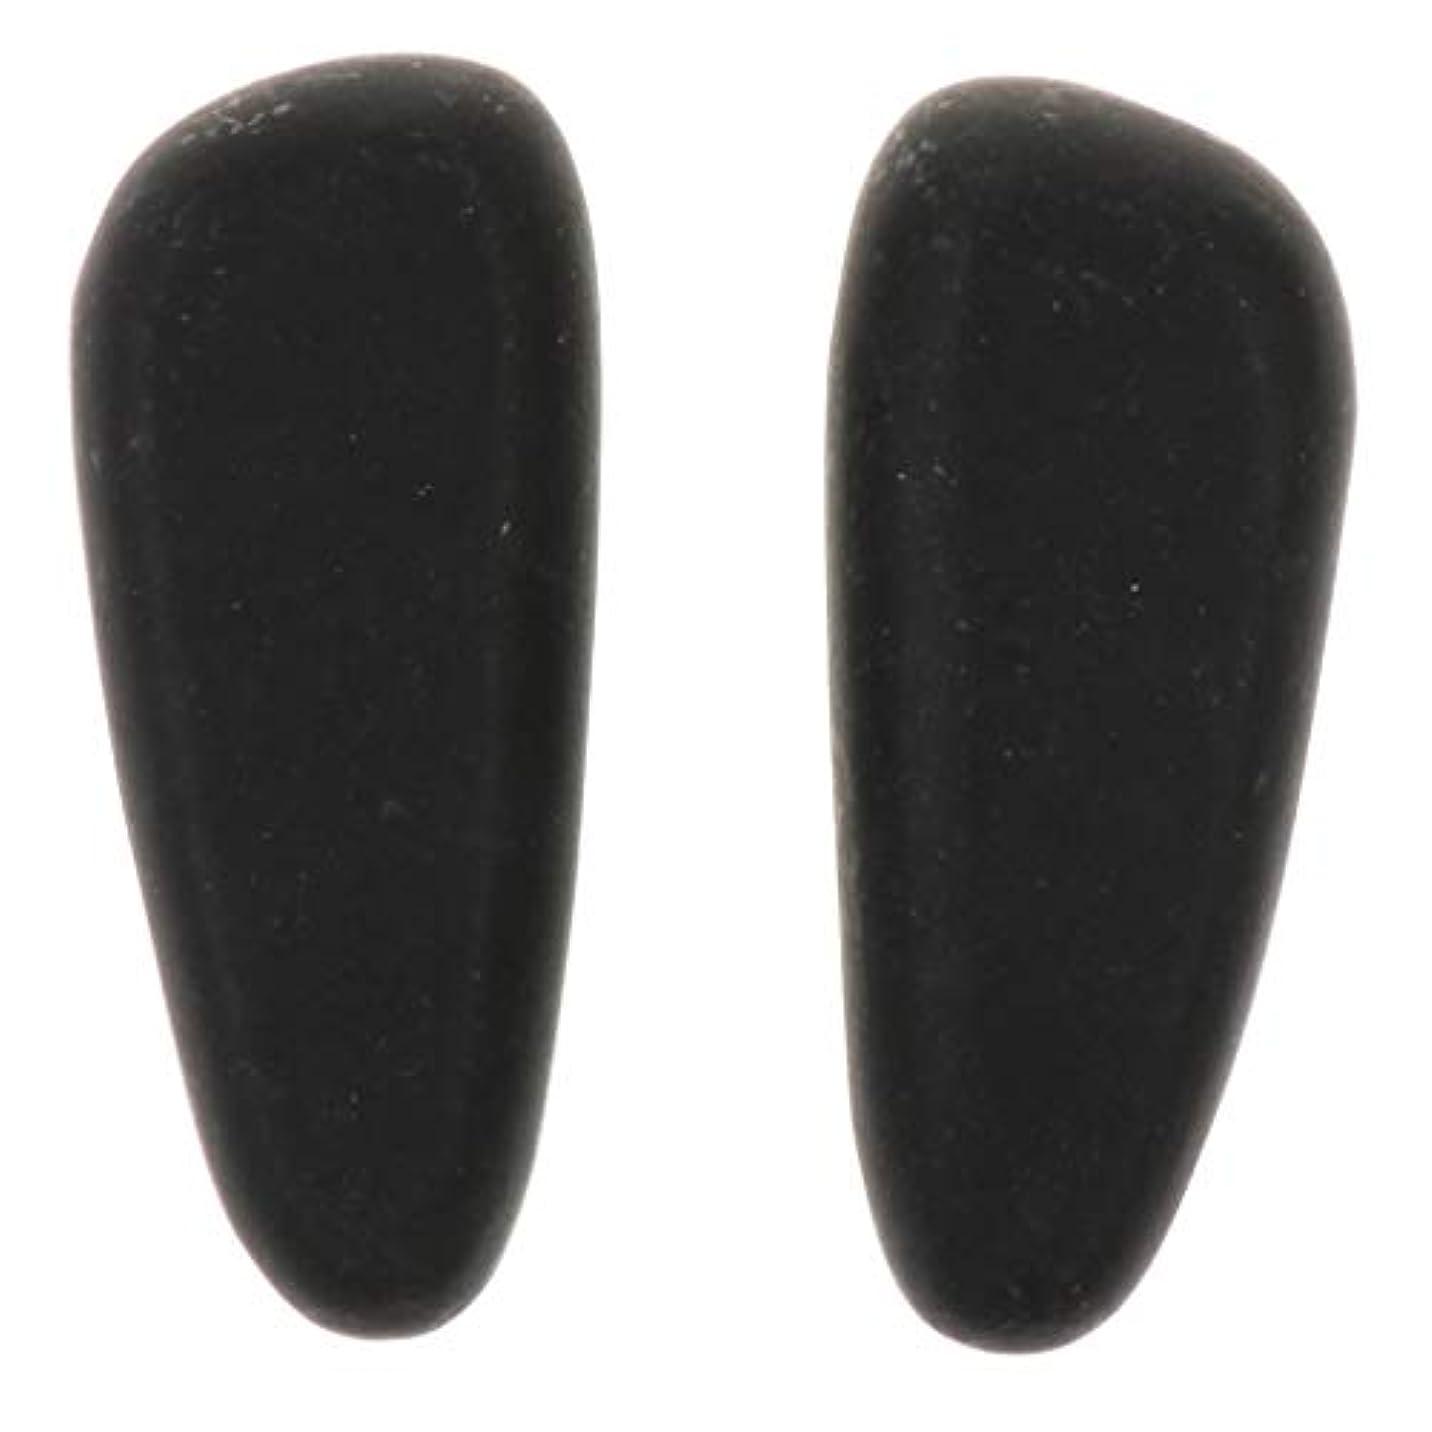 検閲配送バング天然石ホットストーン マッサージ用玄武岩 マッサージストーン マッサージ石 ボディマッサージ 2個 全2サイズ - 8×3.2×2cm